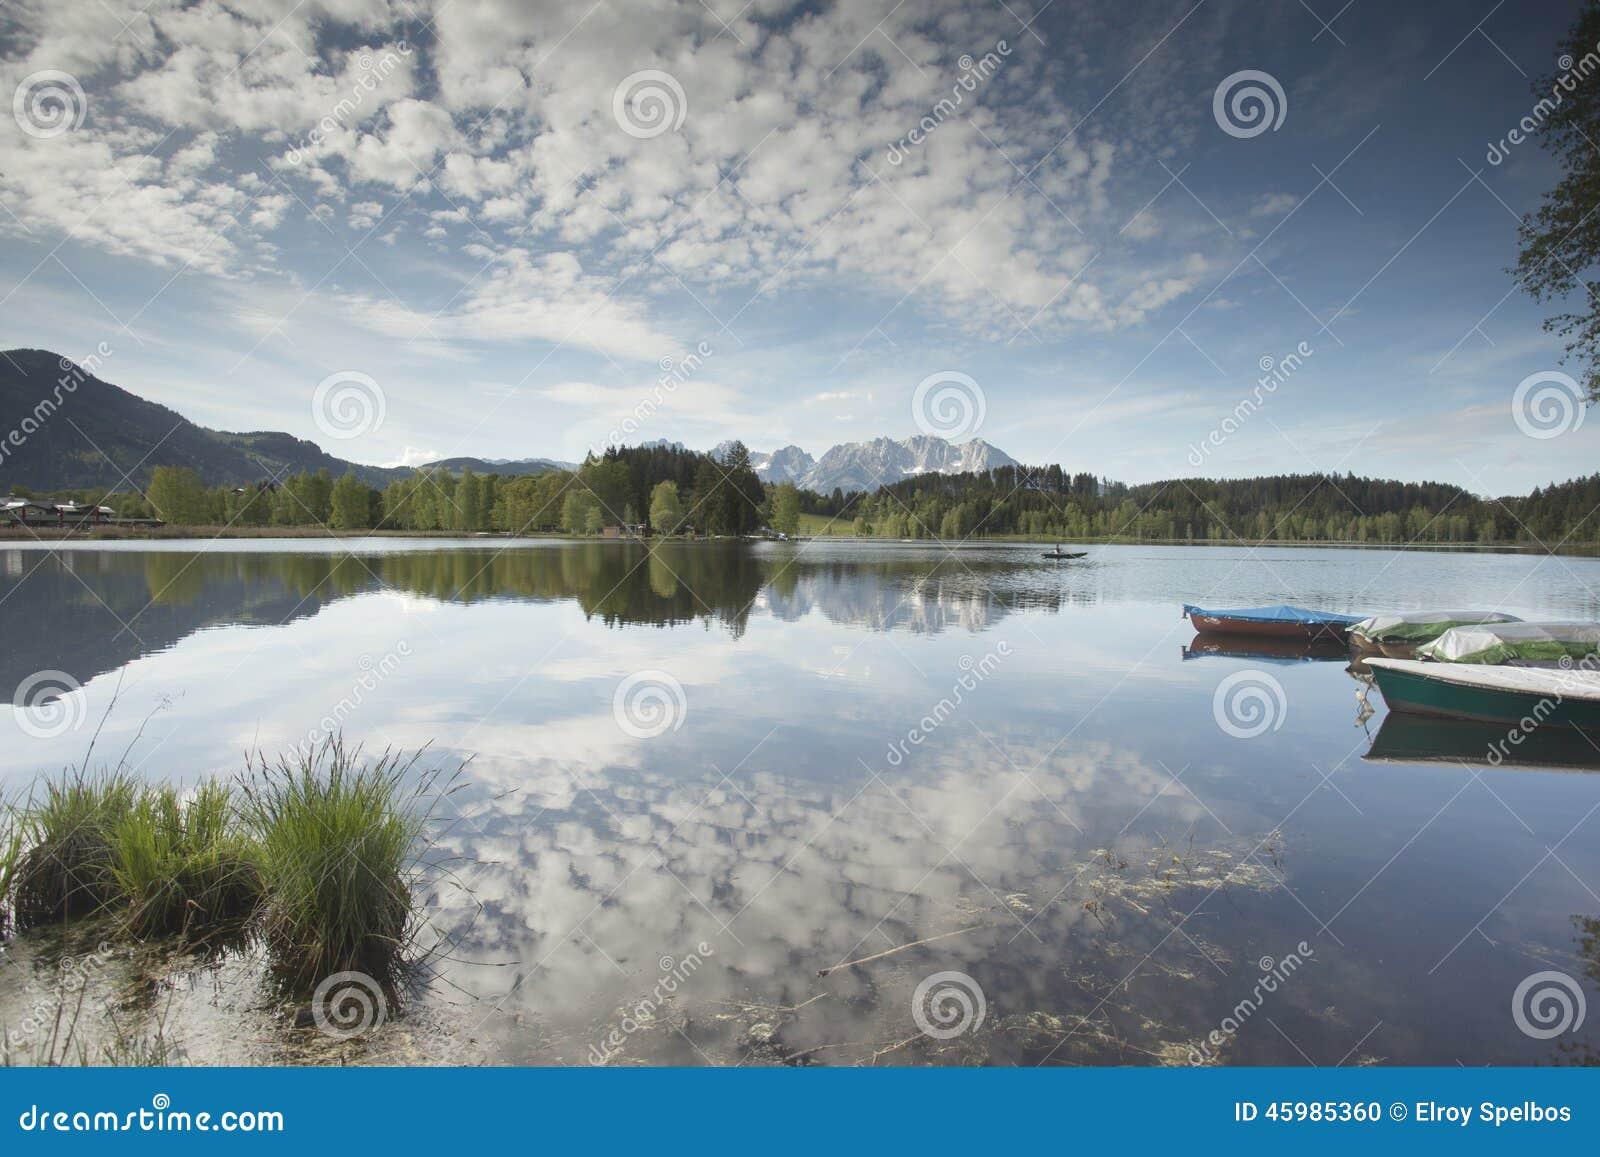 Wilder Kaiser-bergketen in een bergmeer dat wordt weerspiegeld